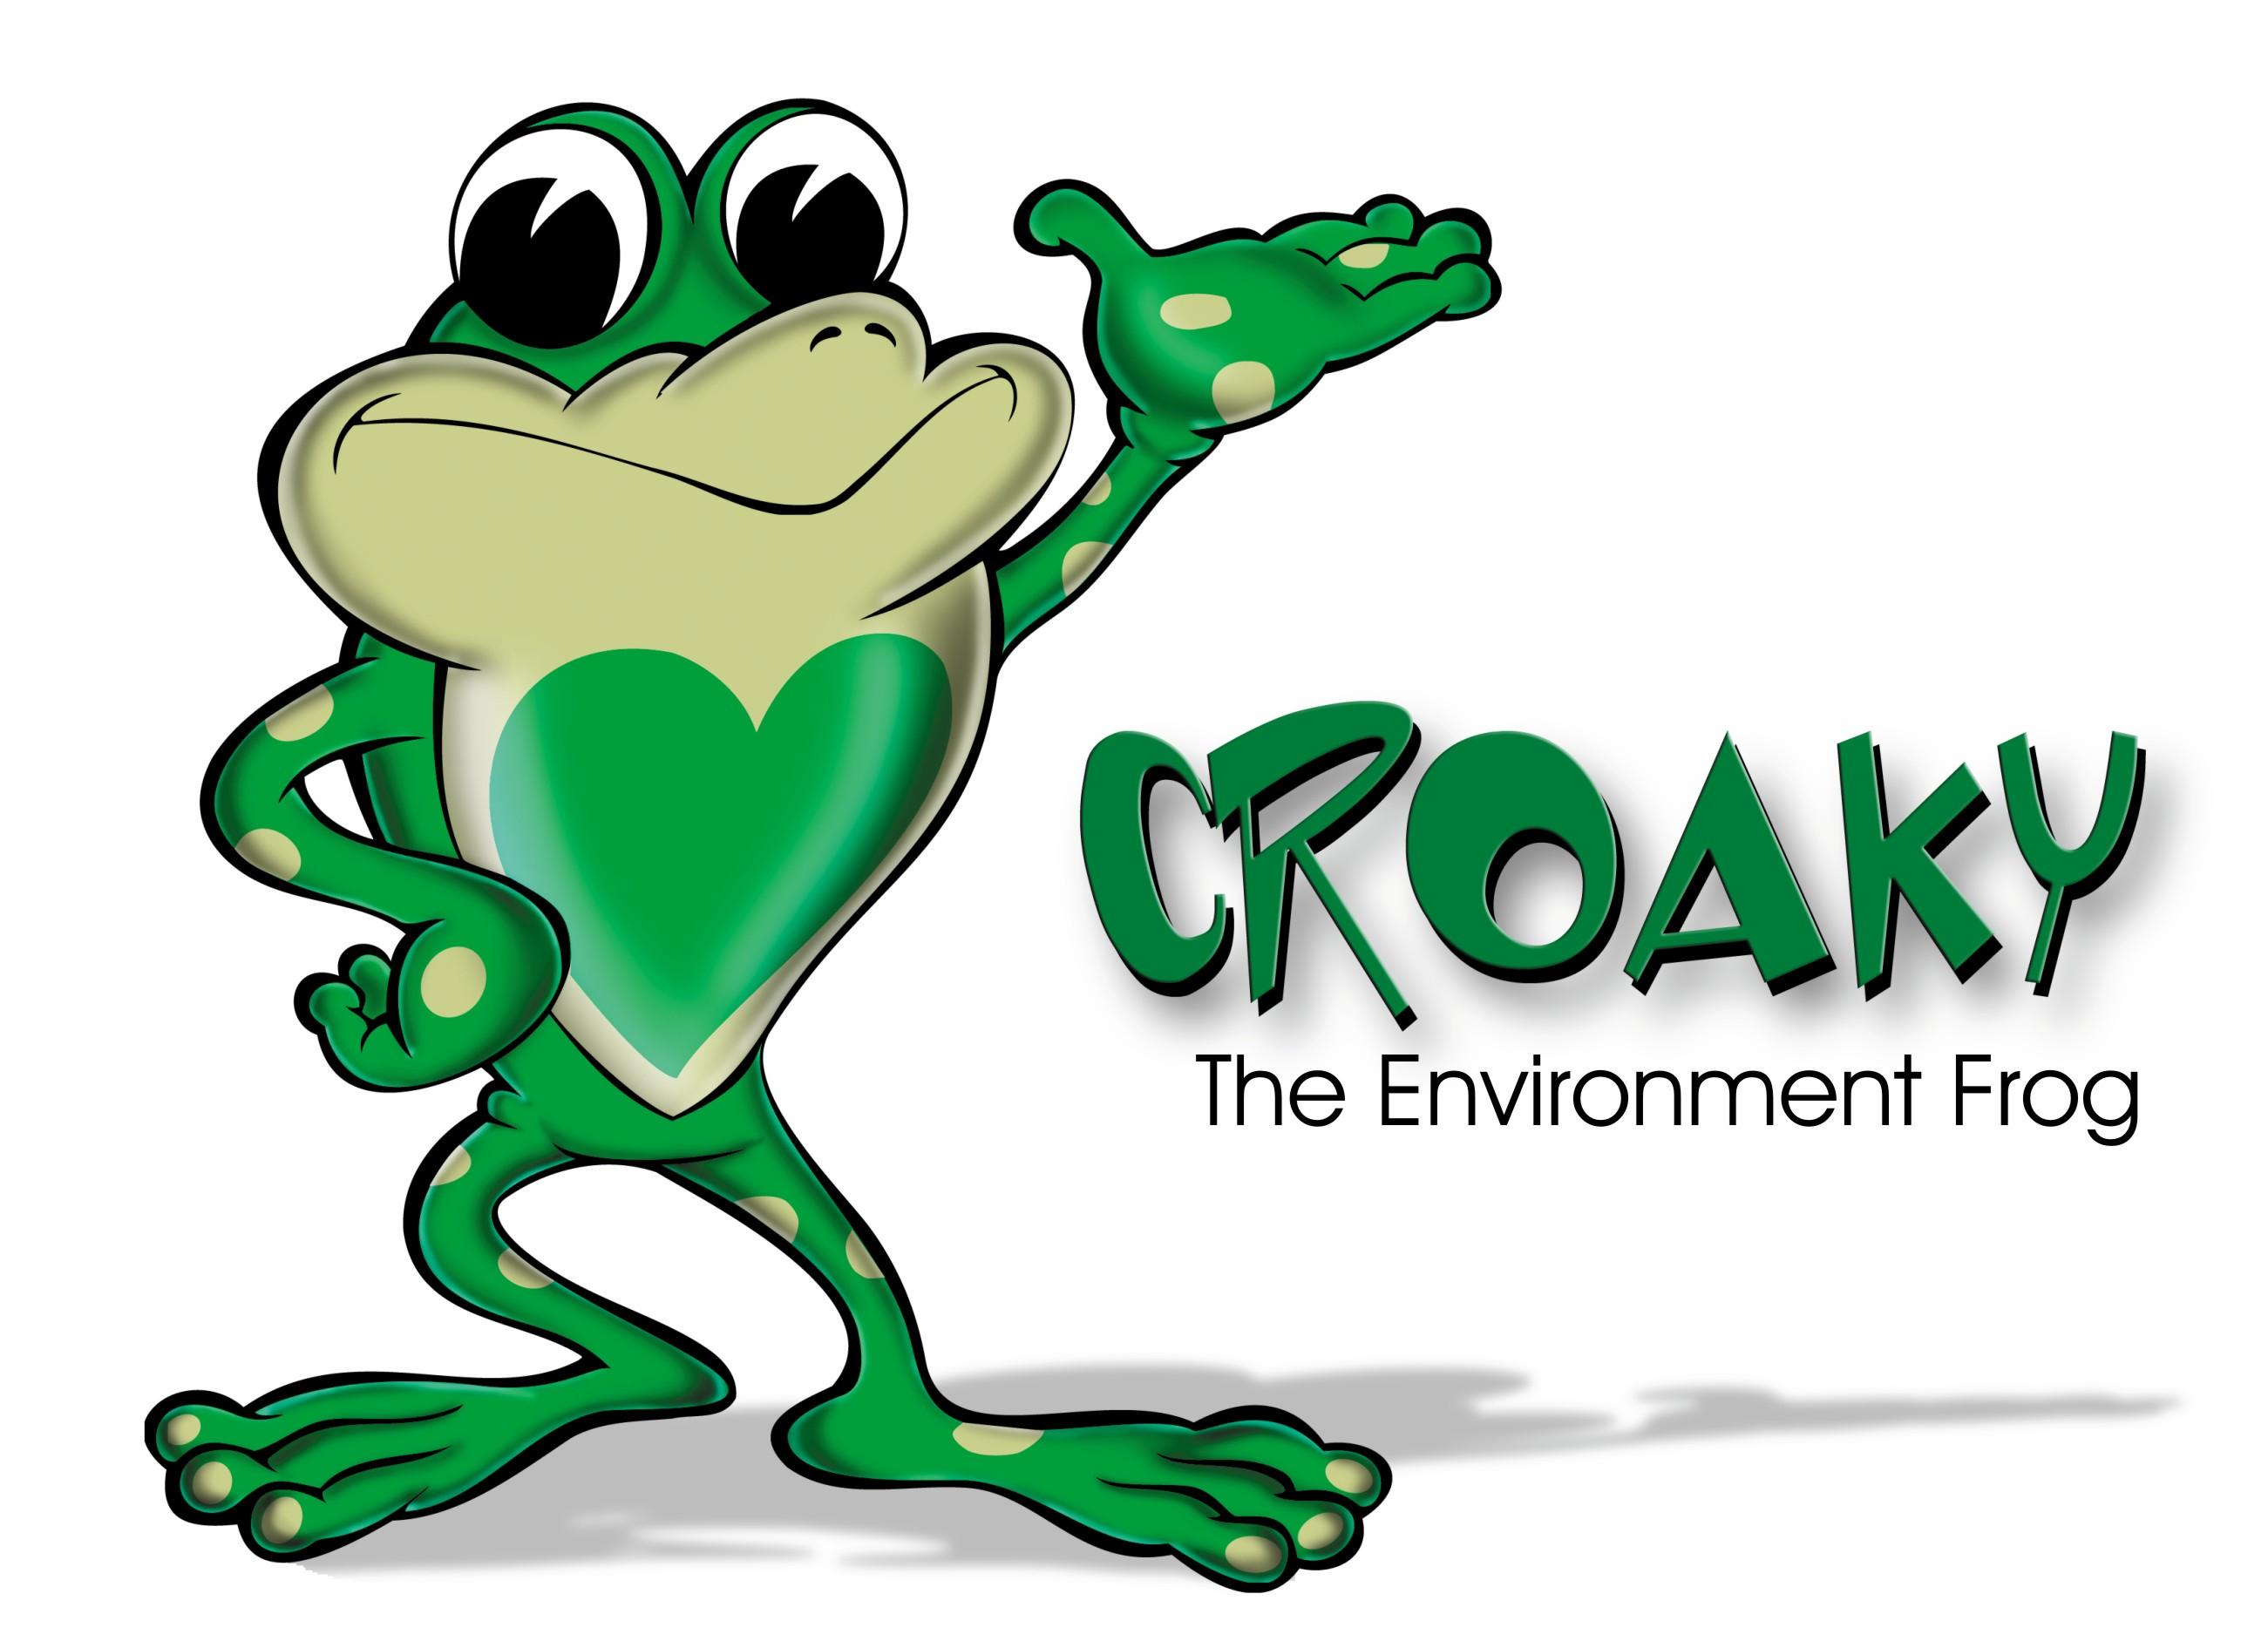 CROACKY